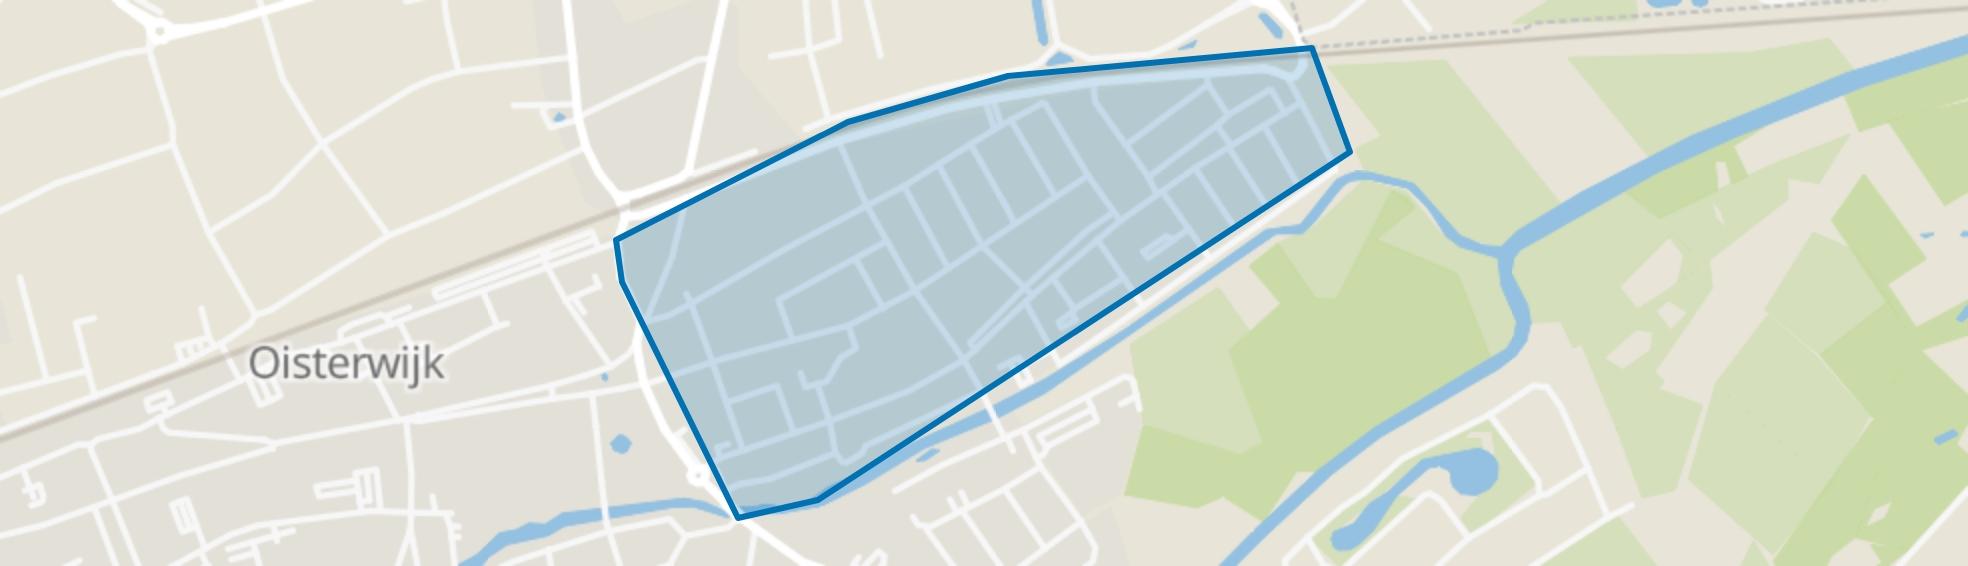 Omg. Boxtelsebn/Waterhoef, Oisterwijk map